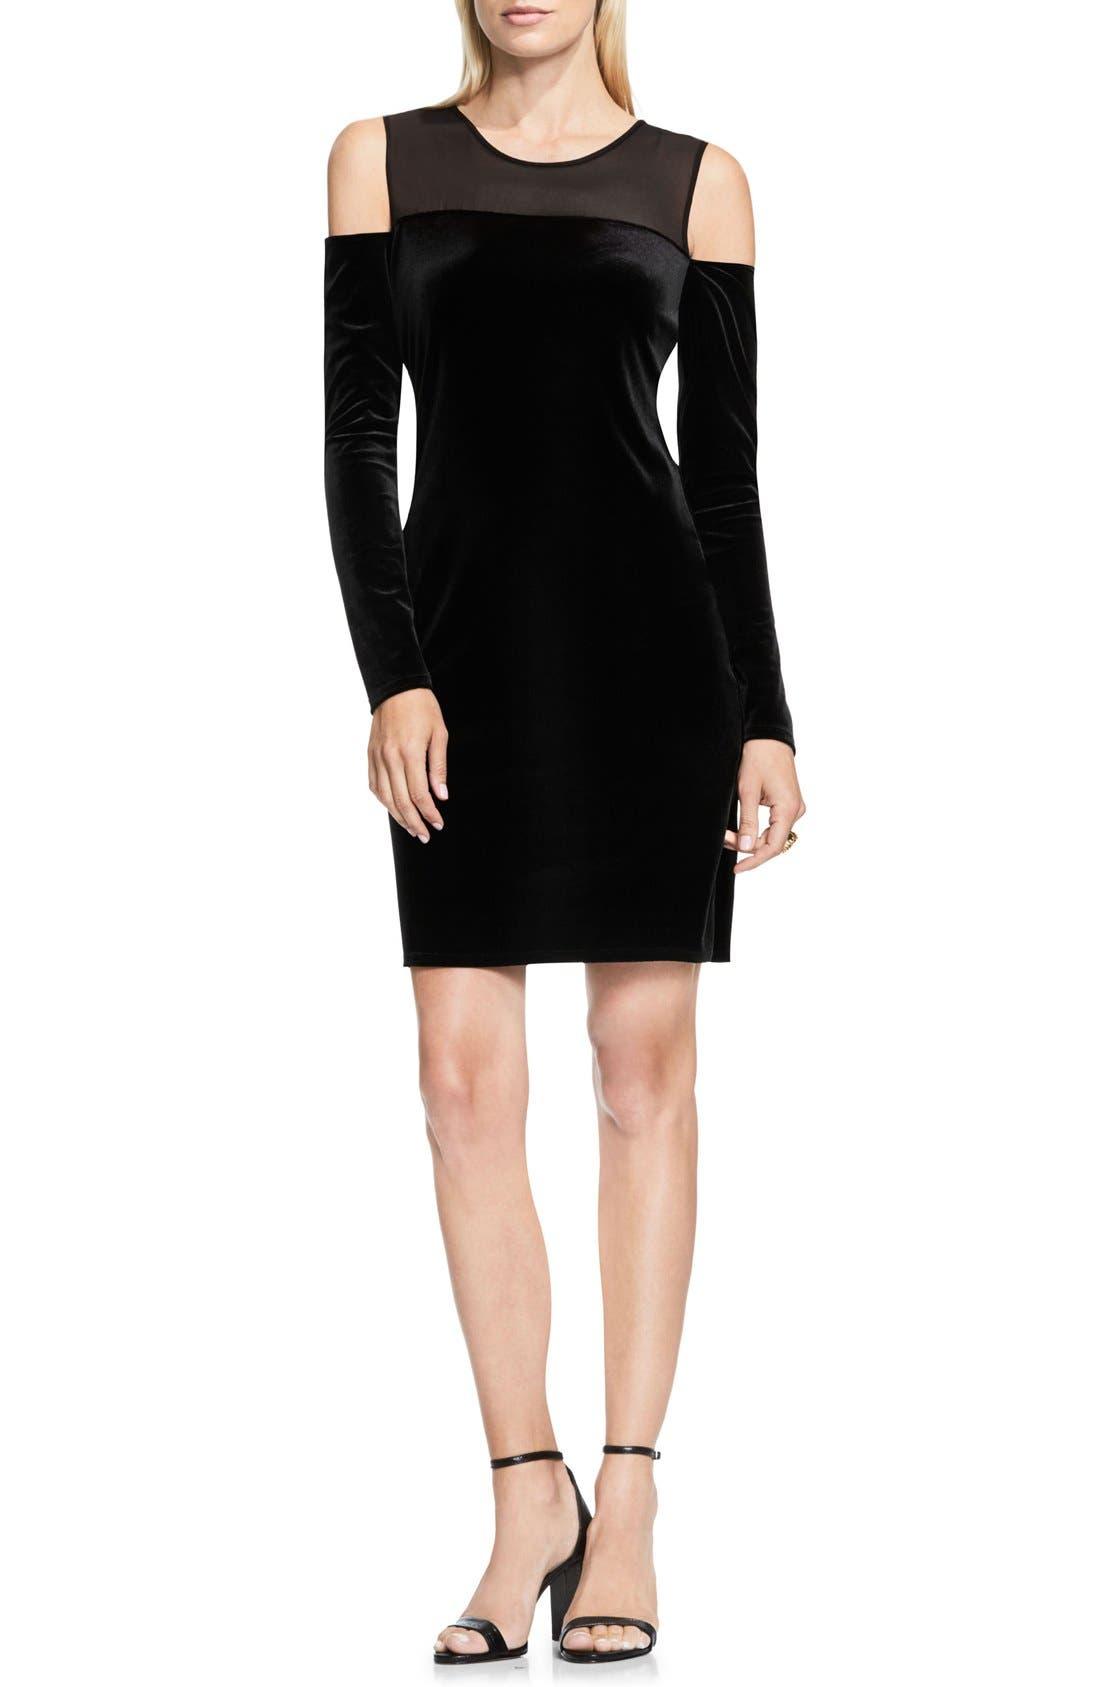 Alternate Image 1 Selected - Vince Camuto Velvet Cold Shoulder Dress